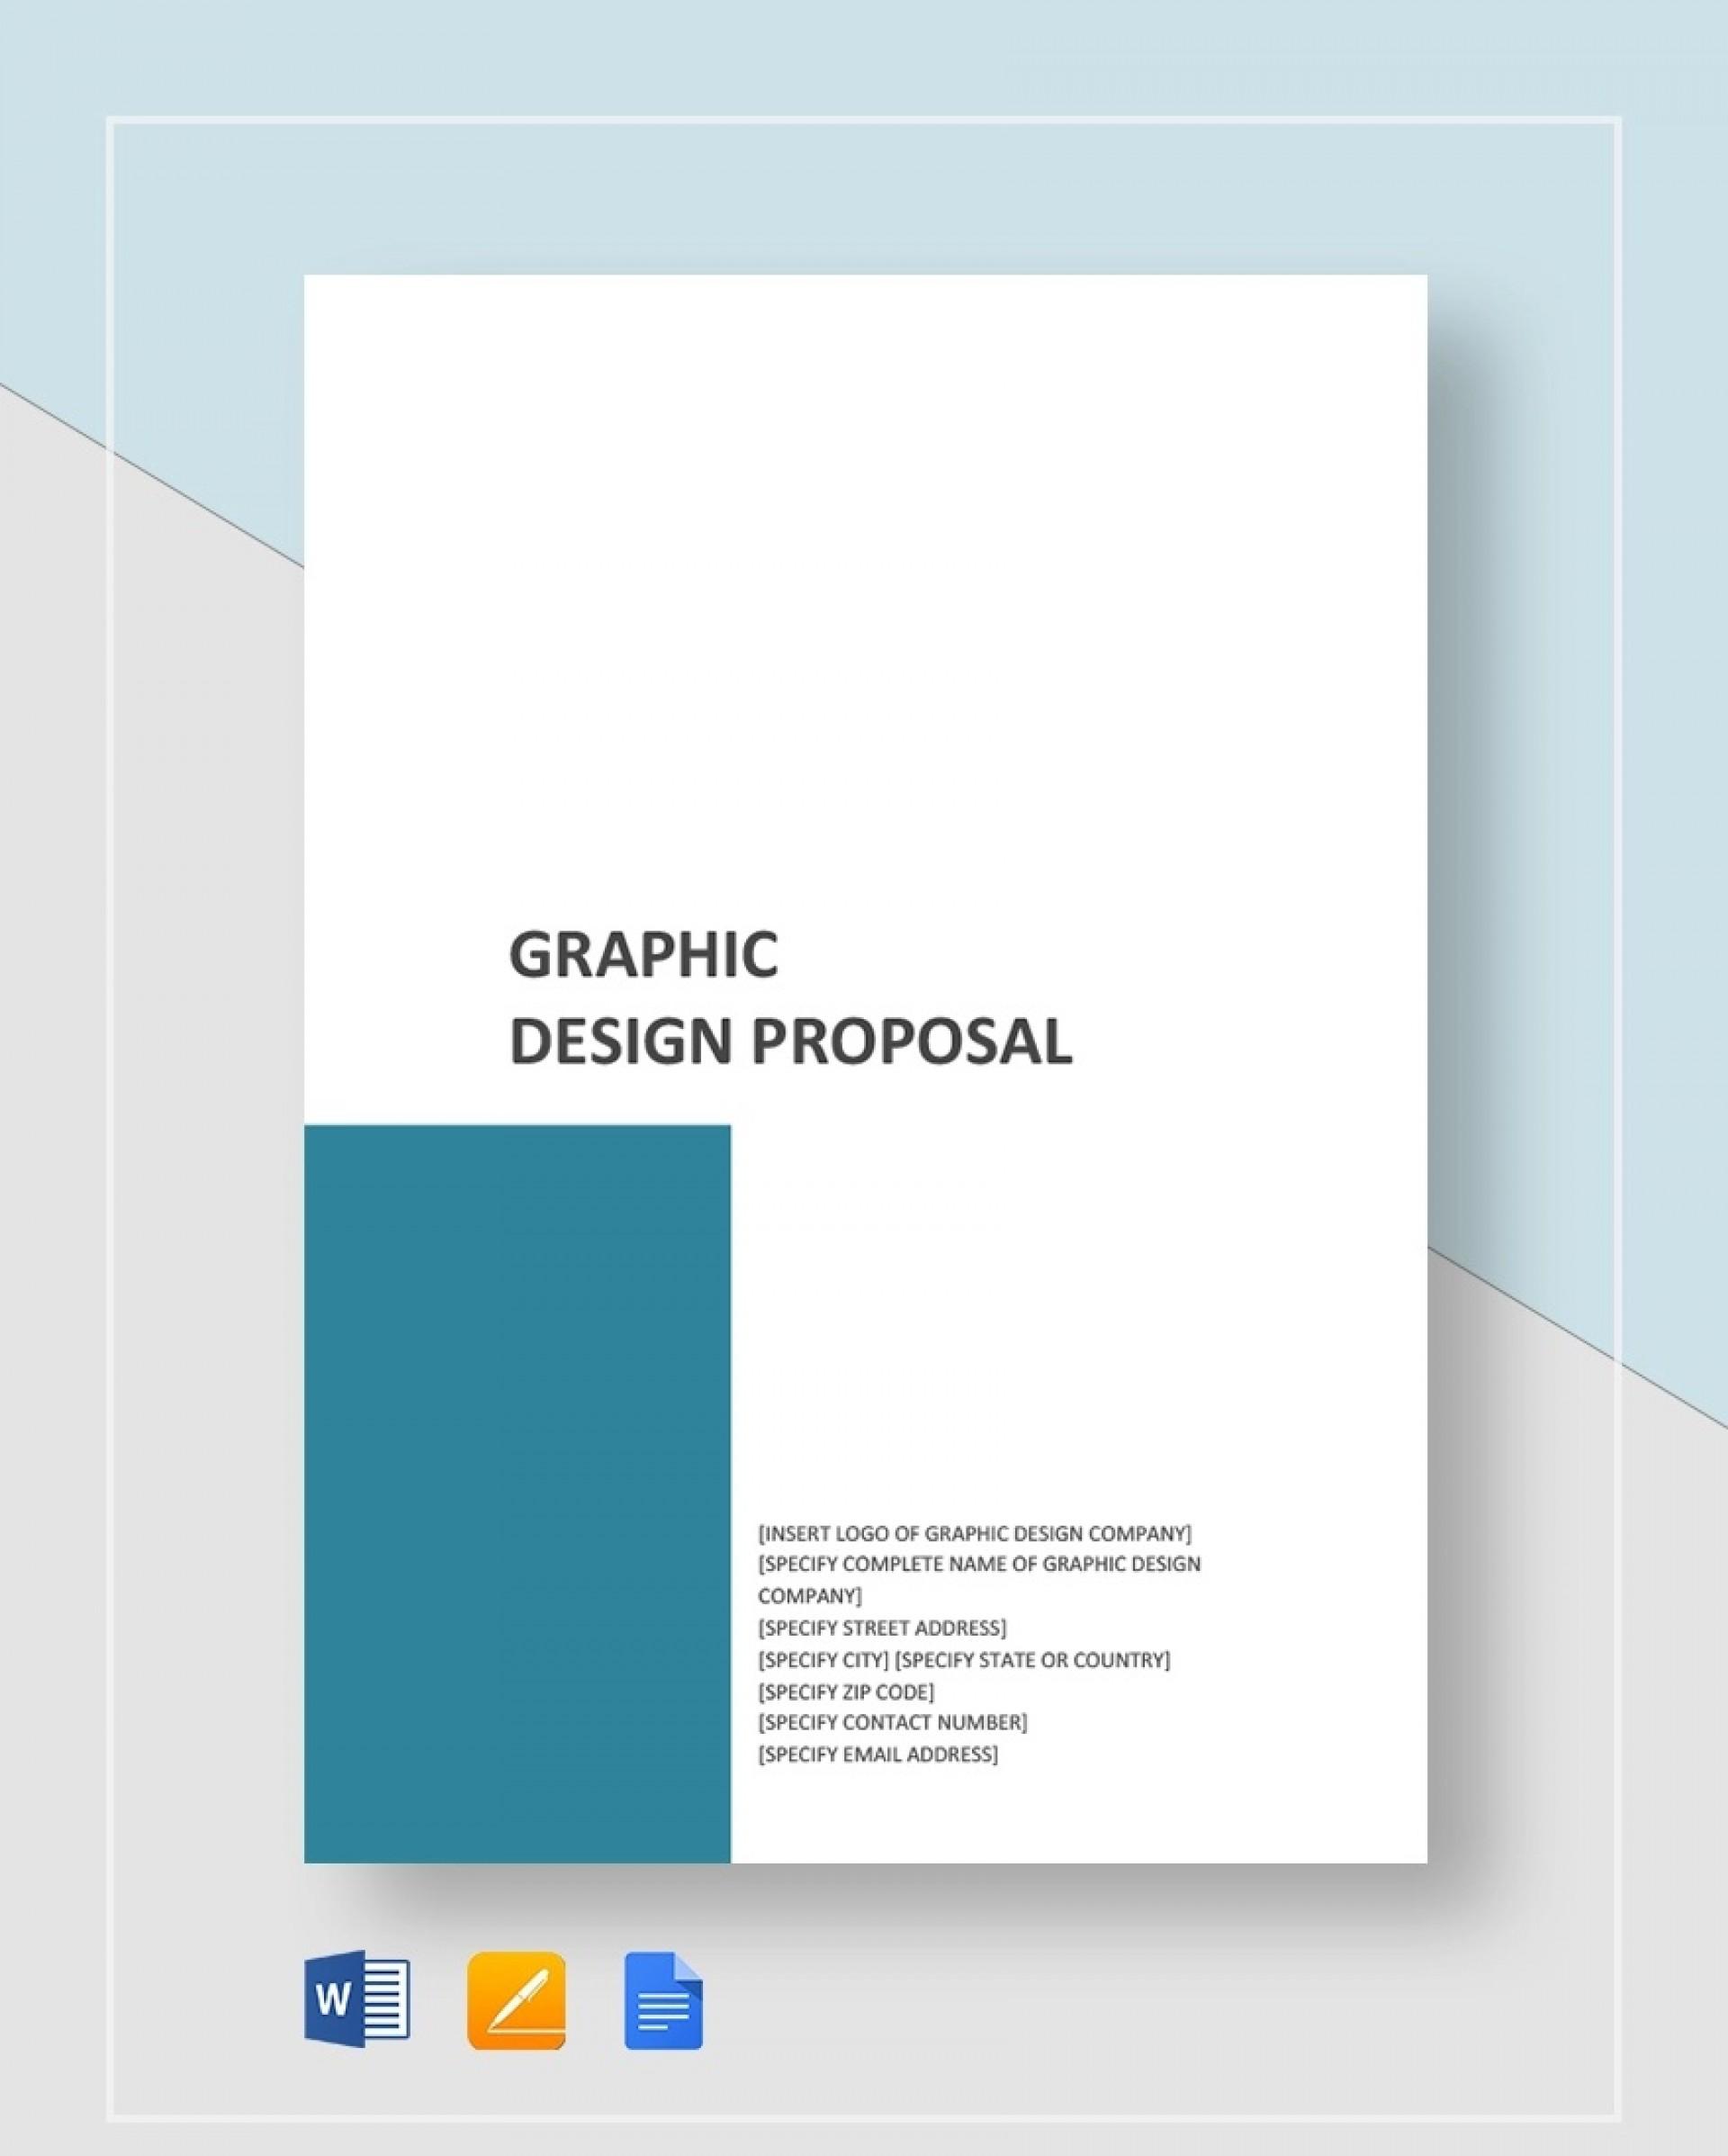 Template Graphic Design Proposal Idea  Free Doc Pdf1920